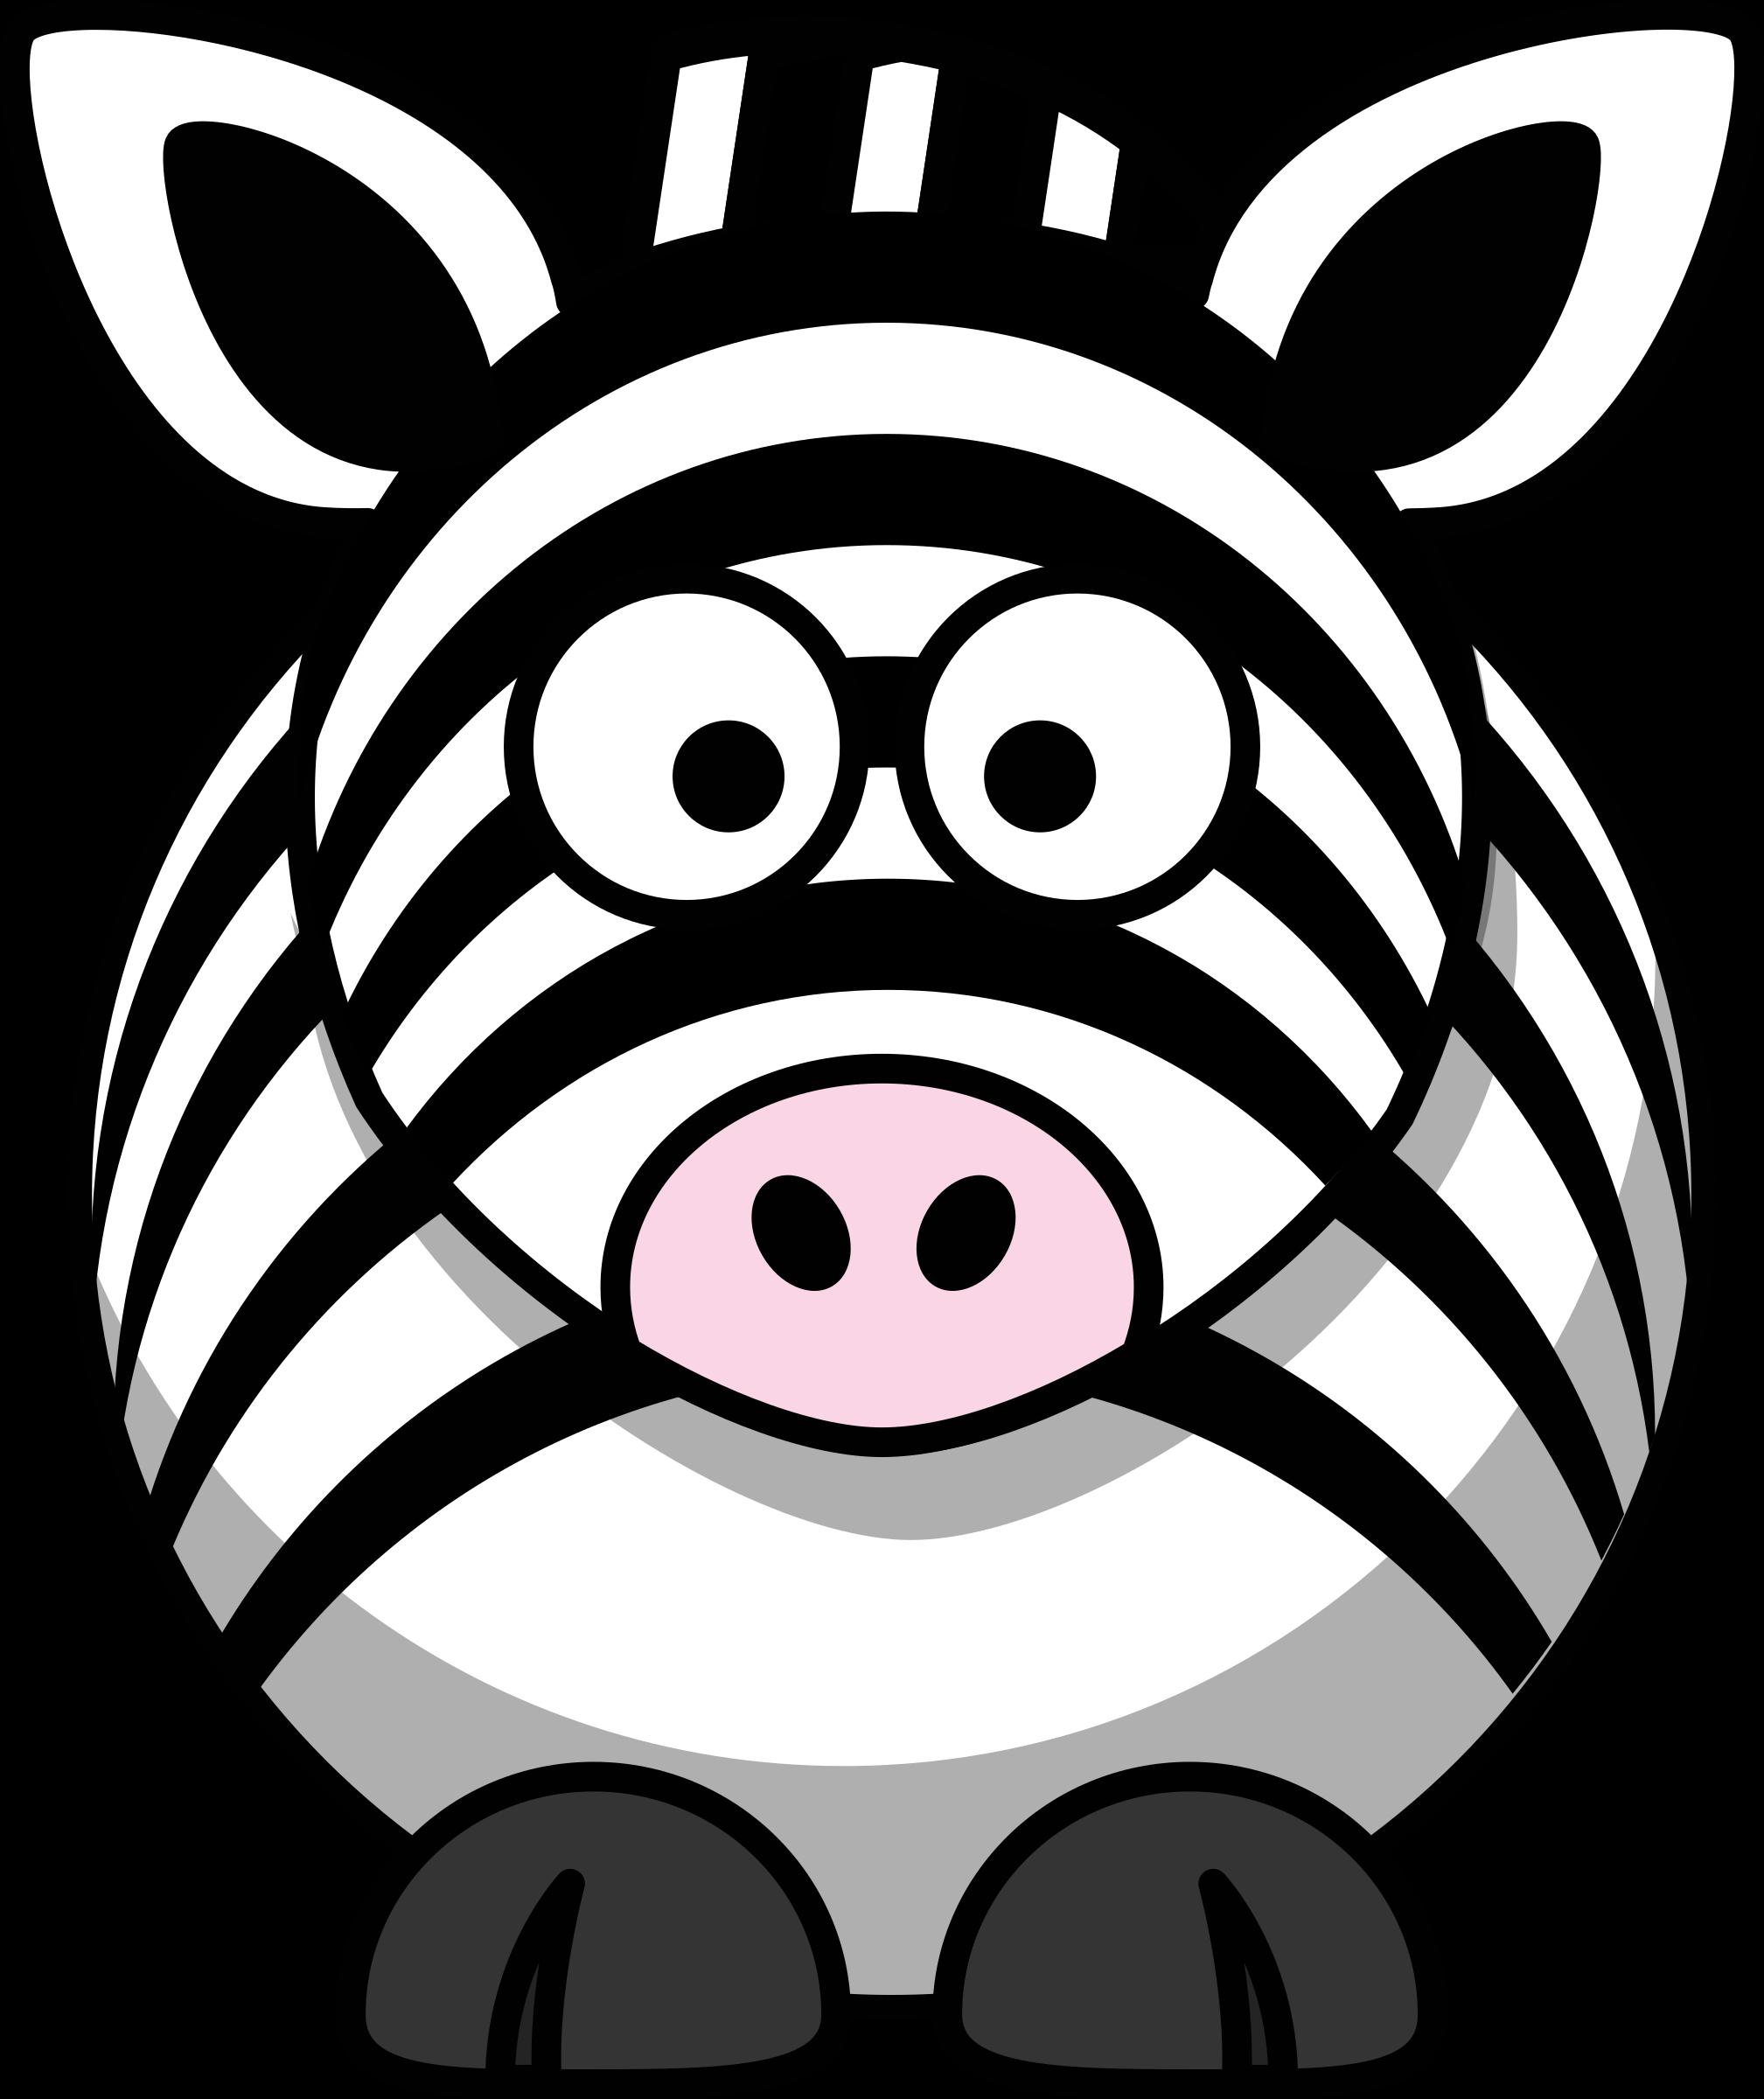 Coloring clipart zebra. Cartoon big image png